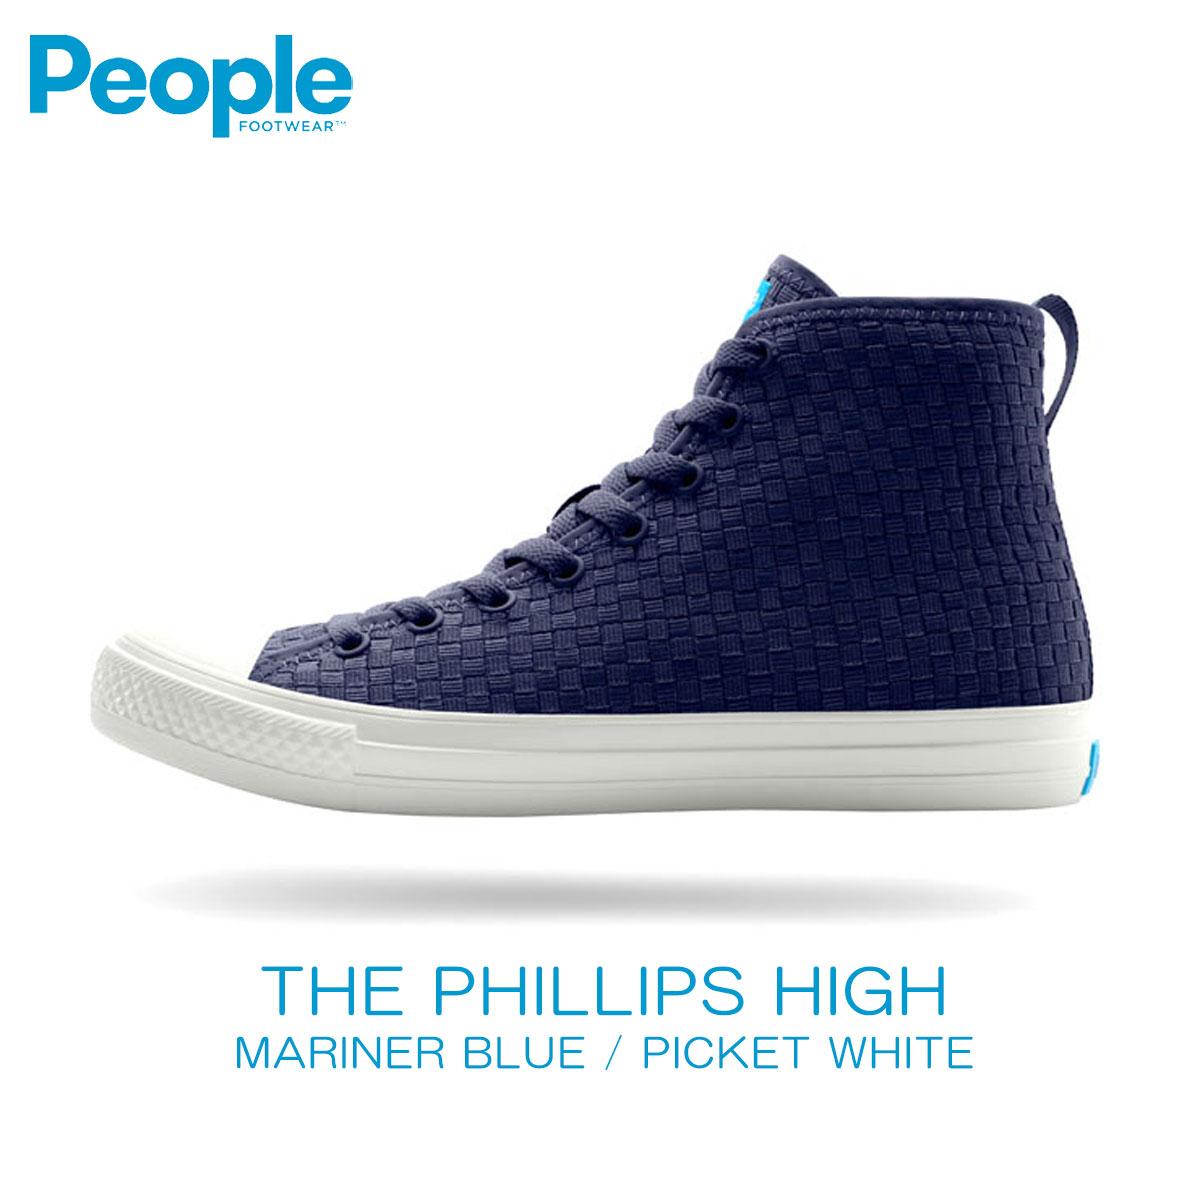 【販売期間 5/4 10:00~5/7 09:59】 ピープルフットウェア People Footwear 正規販売店 メンズ 靴 シューズ THE PHILLIPS HIGH NC01H-001 MARINER BLUE w / PICKET WHITE D15S25